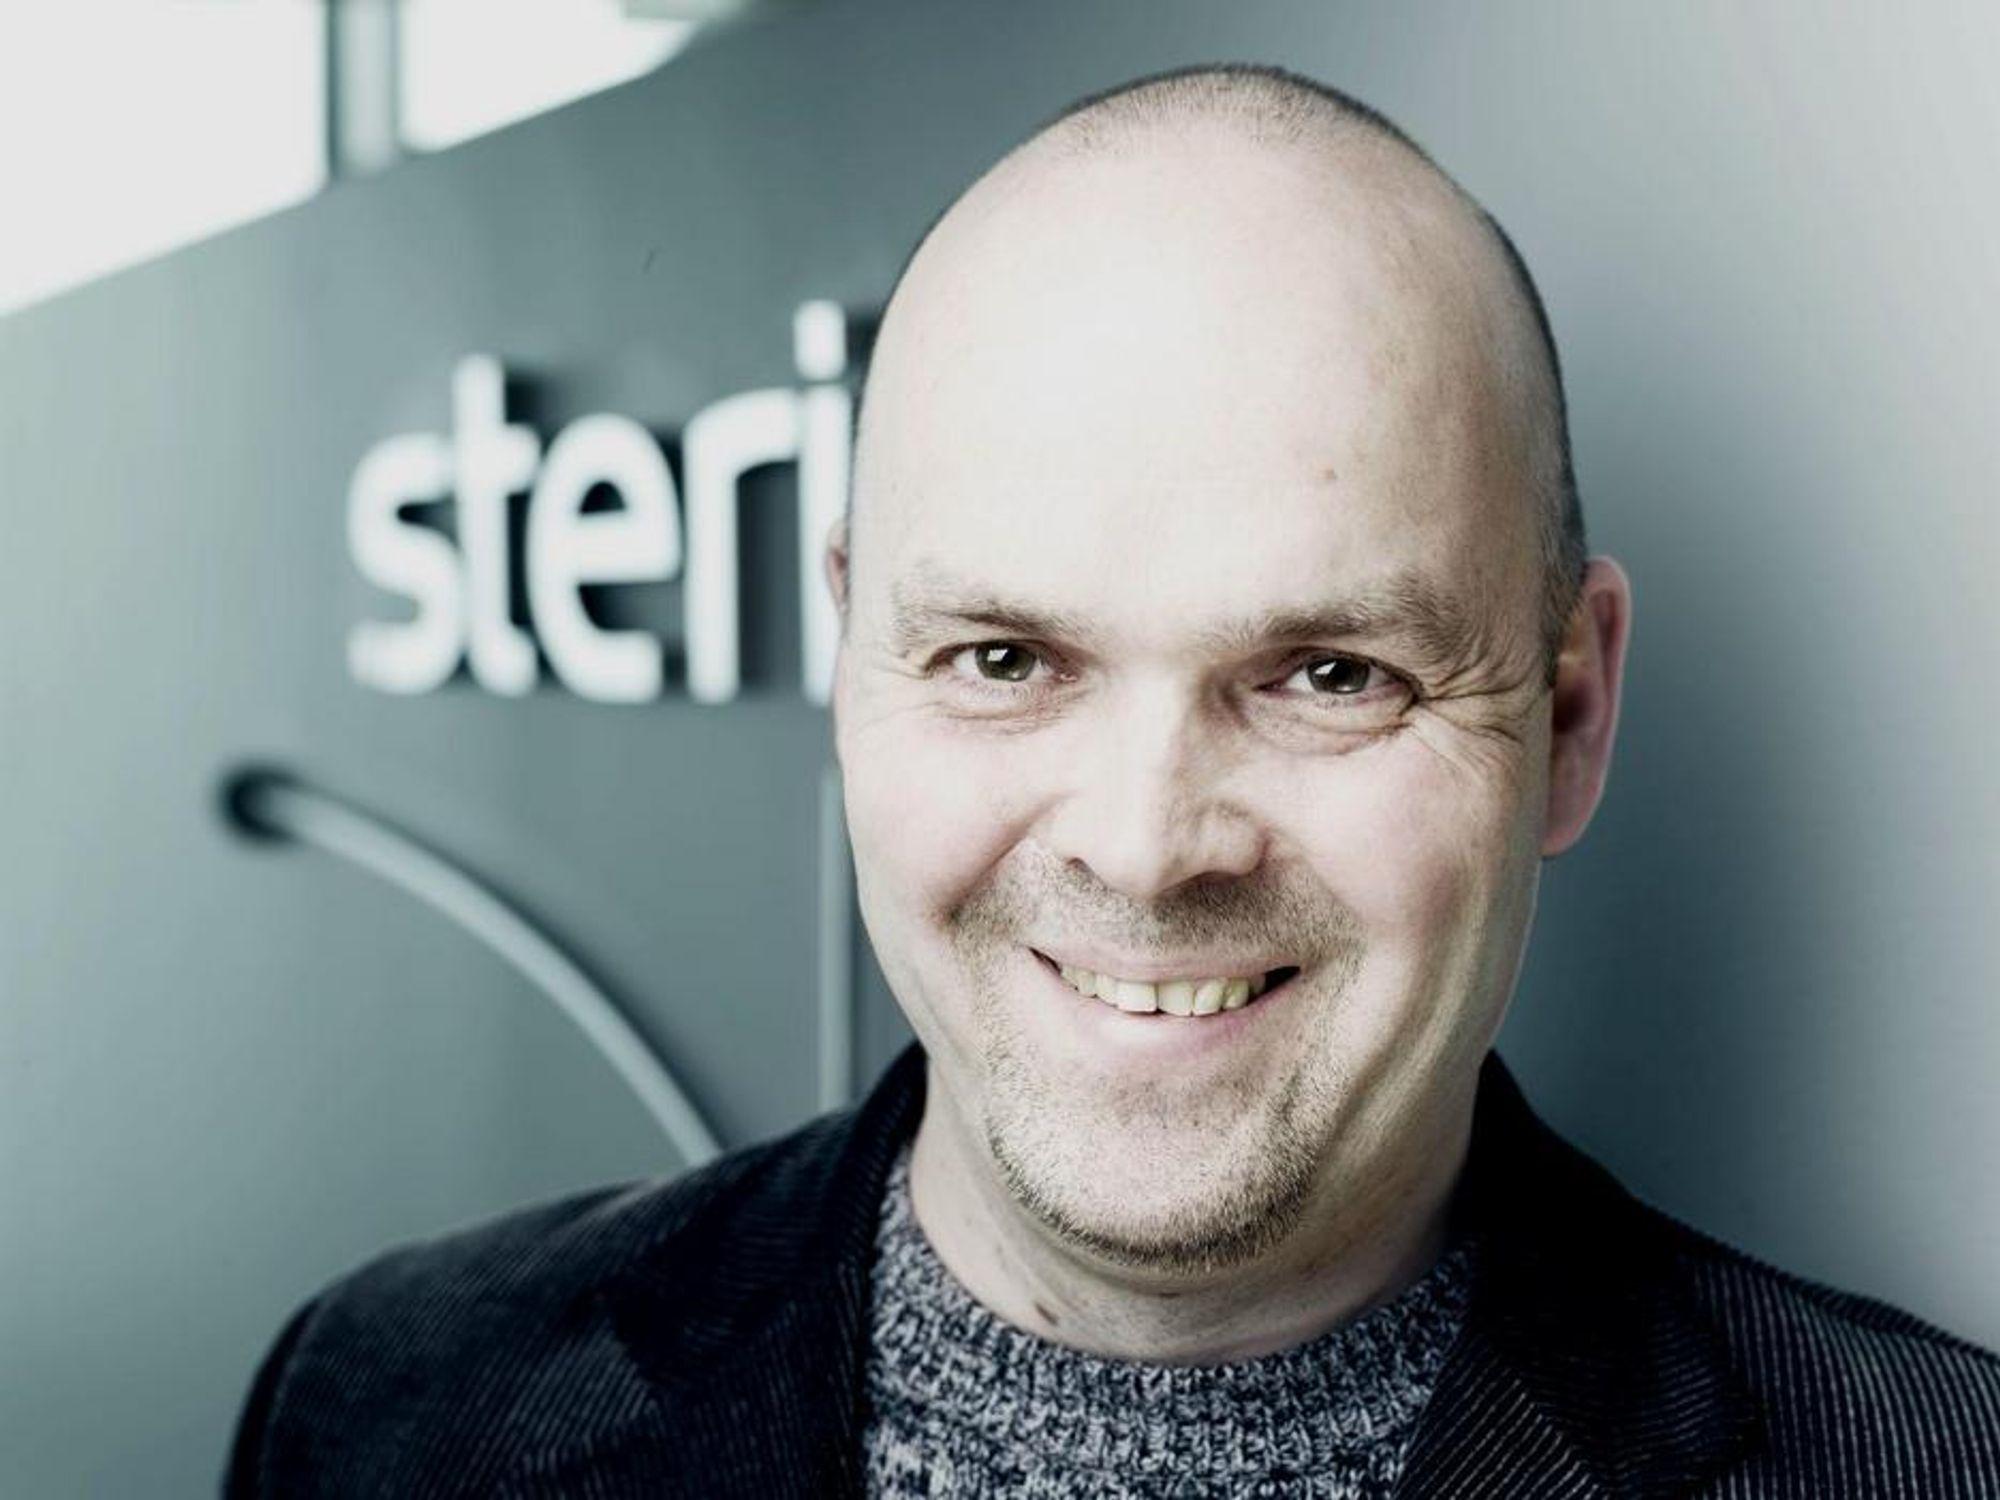 DÅRLIG KOMMUNIKASJON: Anders Lindgren i Steria mener det ofte er dårlig kommunikasjon mellom ledere og ansatte.FOTO: STERIA